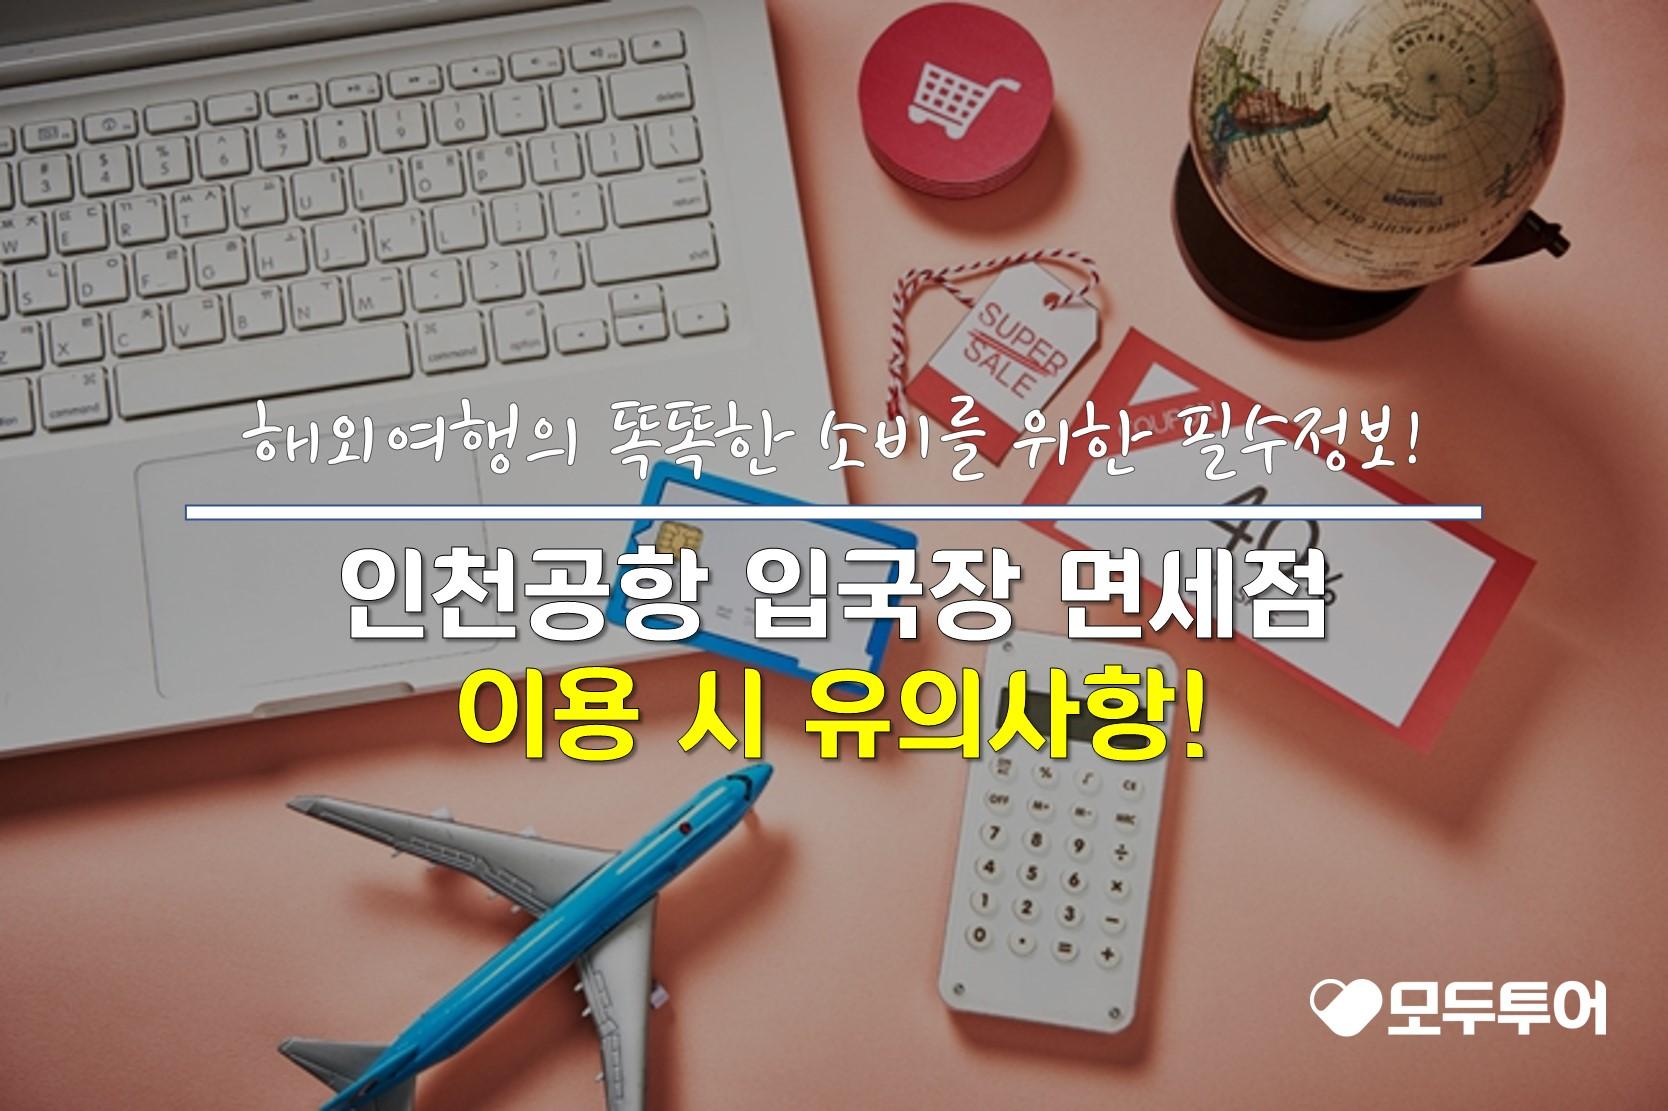 인천공항 입국장 면세점 이용 시 유의사항!